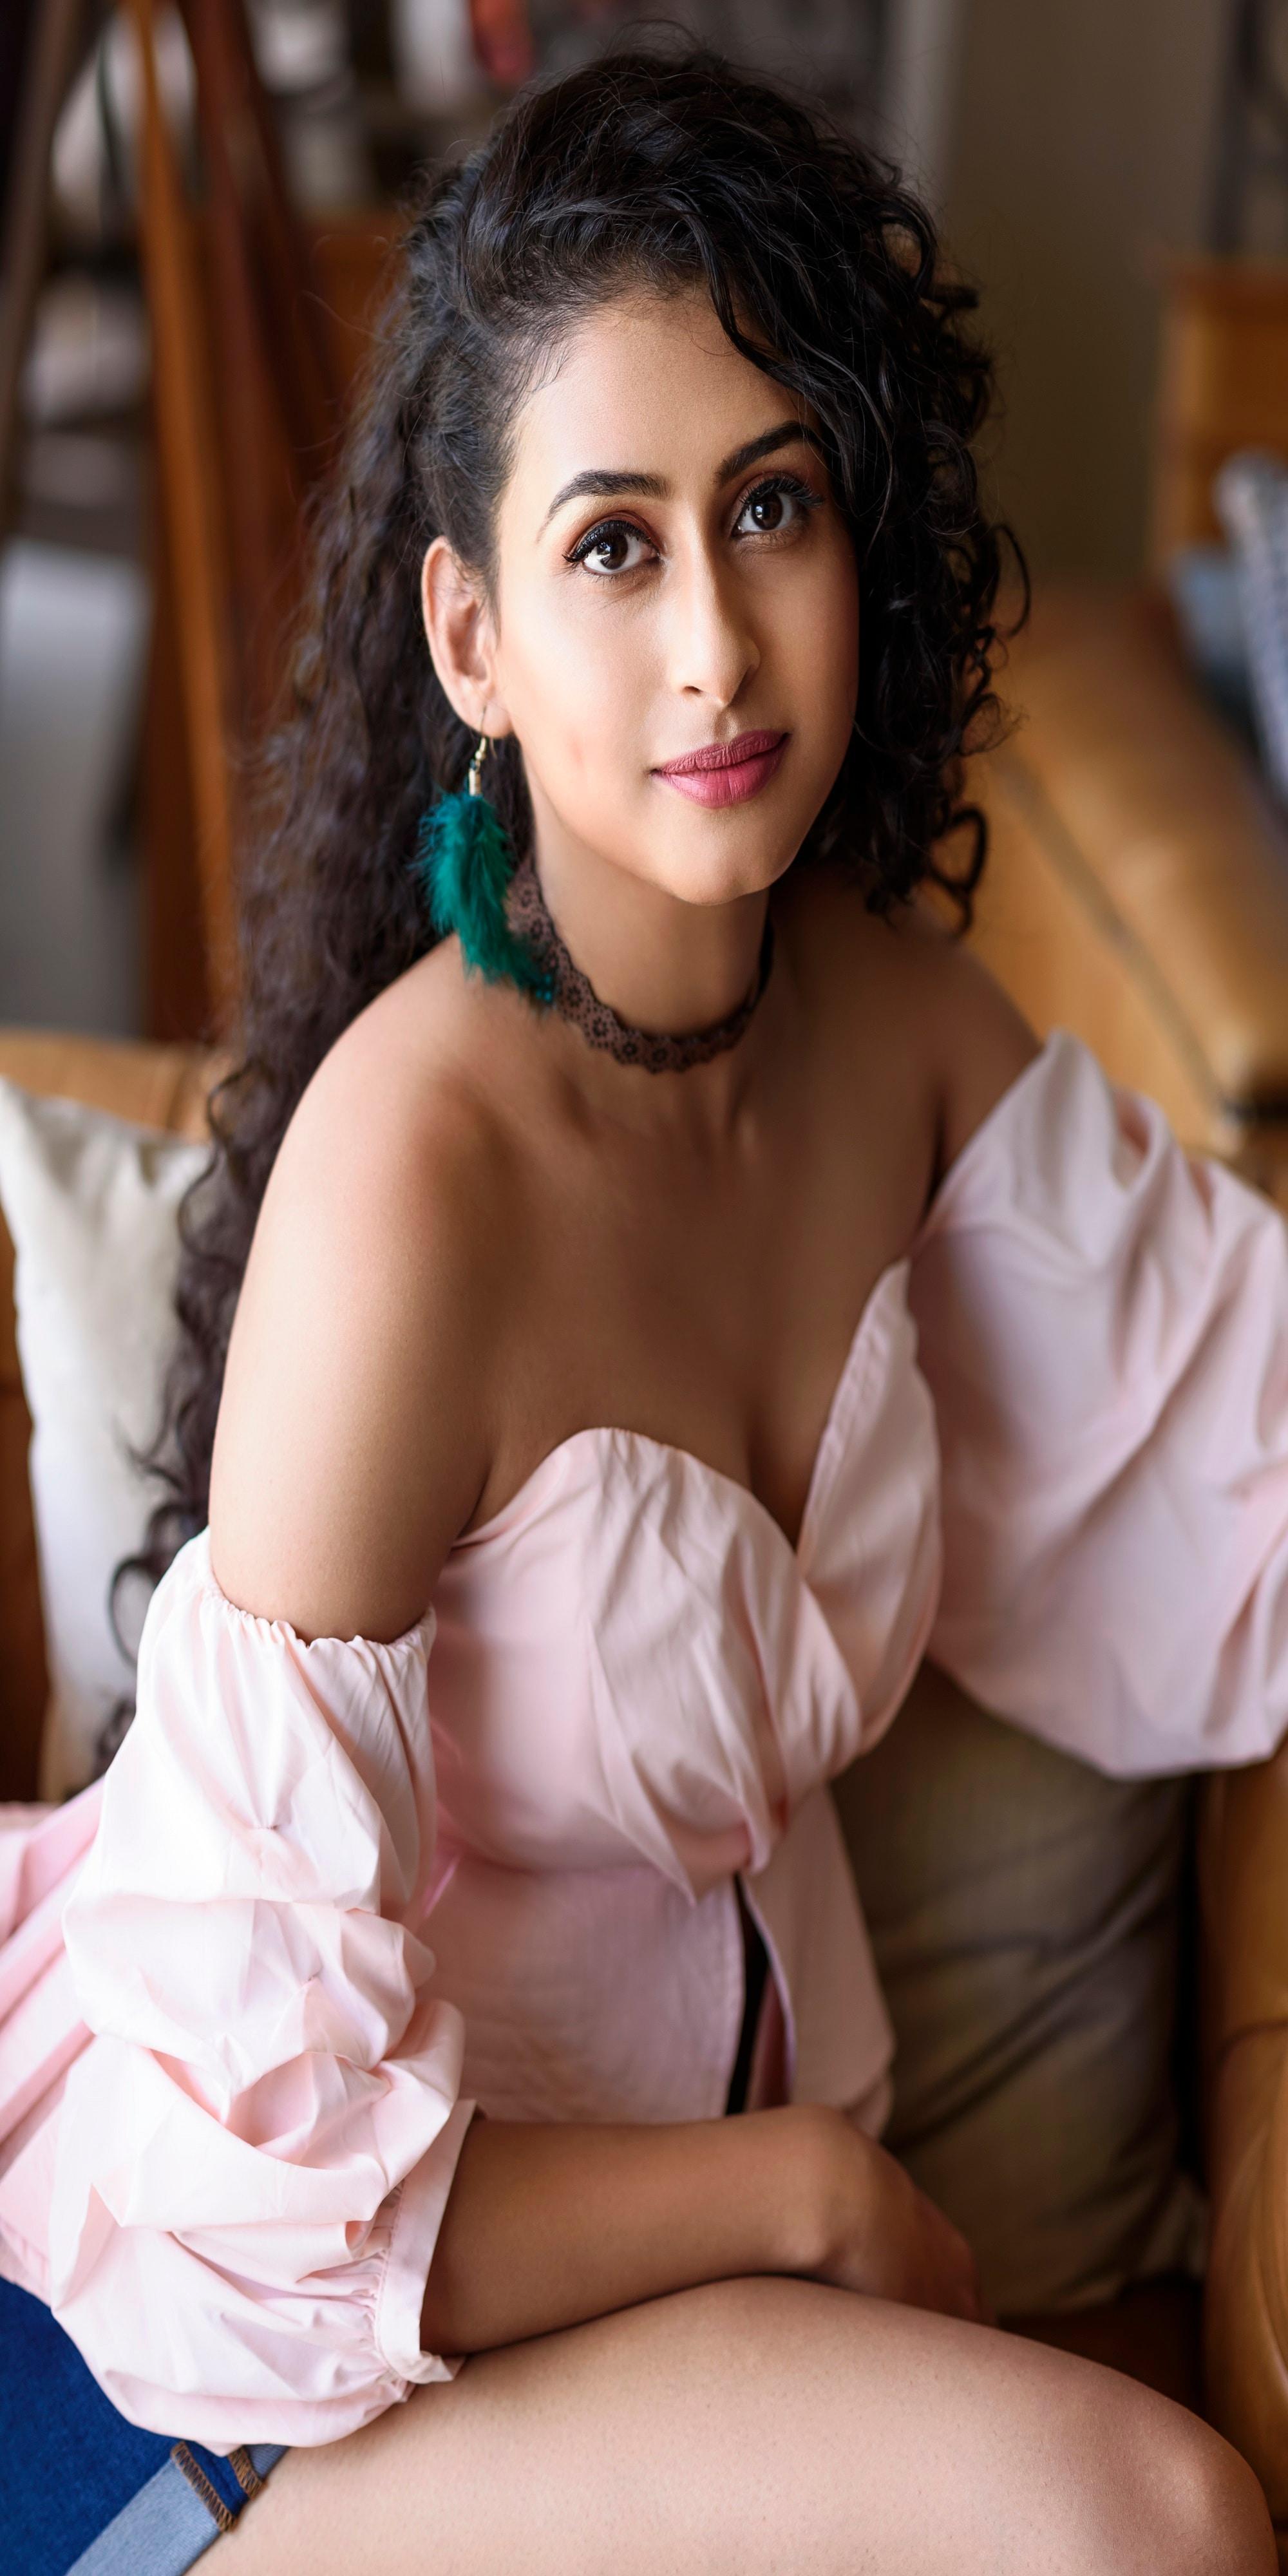 ఆపరేషన్ గోల్డ్ ఫిష్ ఫేమ్ నిత్యా నరేష్ హాట్ ఫోటో షూట్